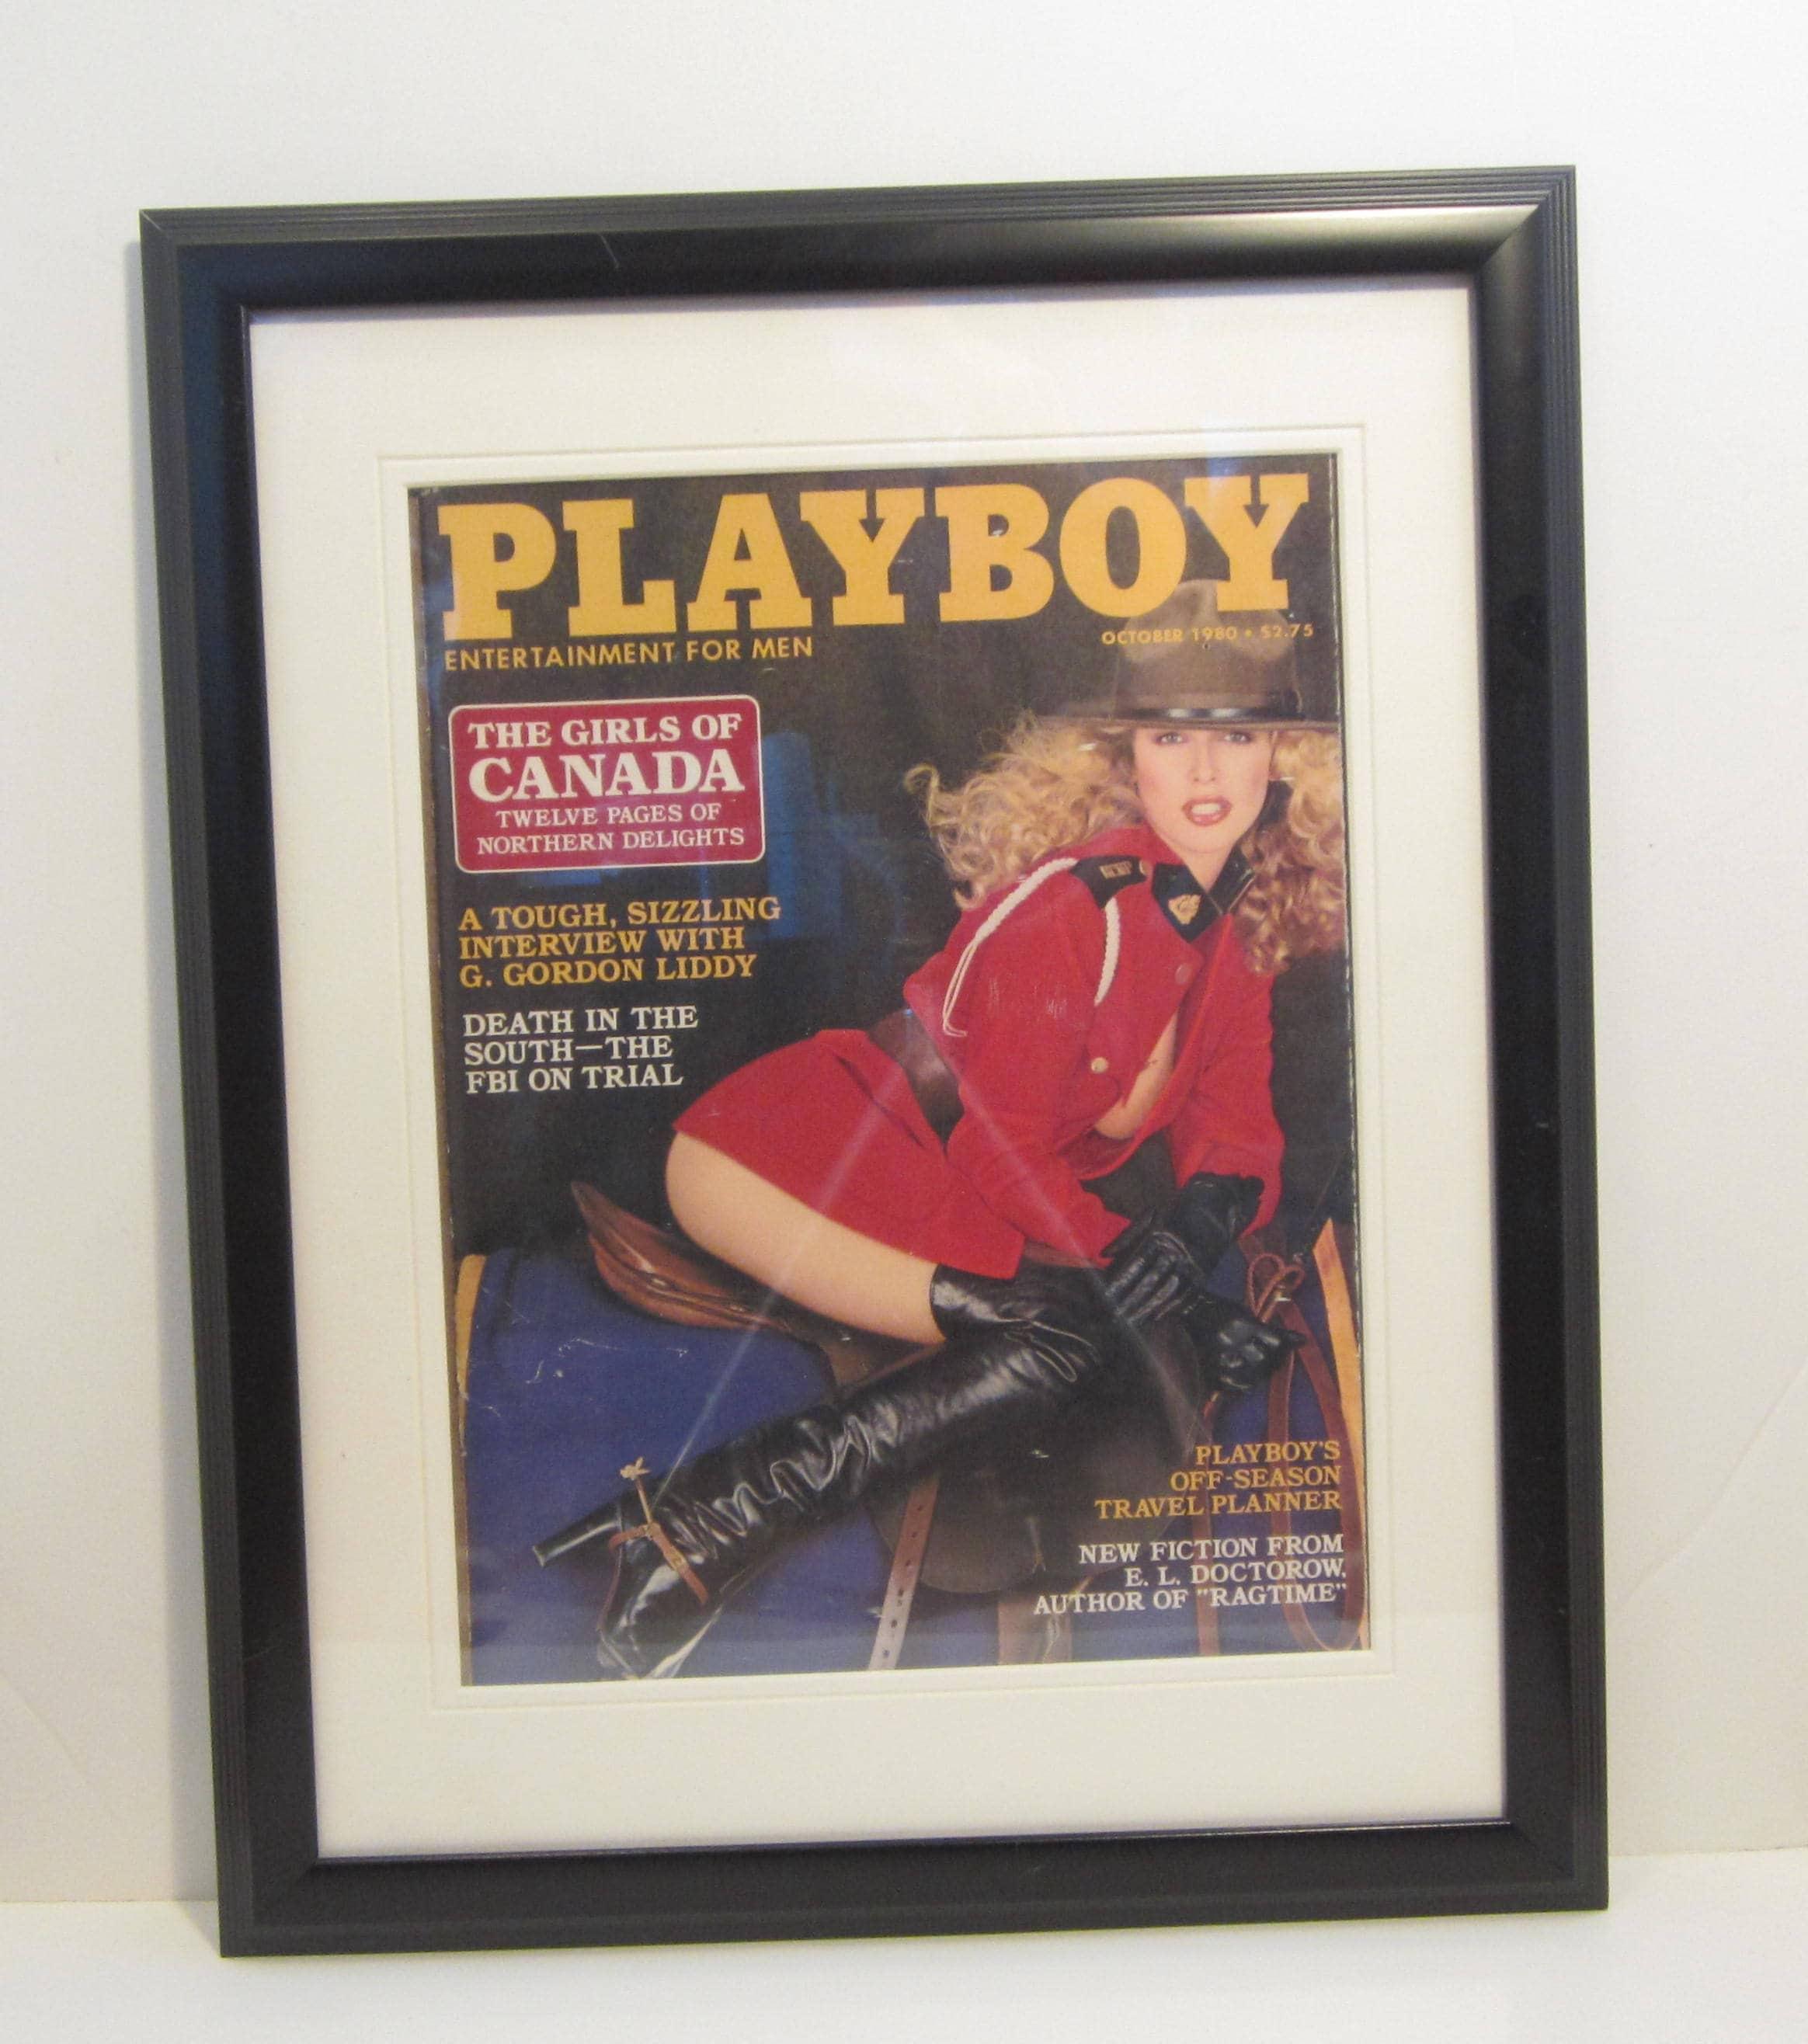 Portada de la revista Playboy Vintage enmarañado enmarcado: